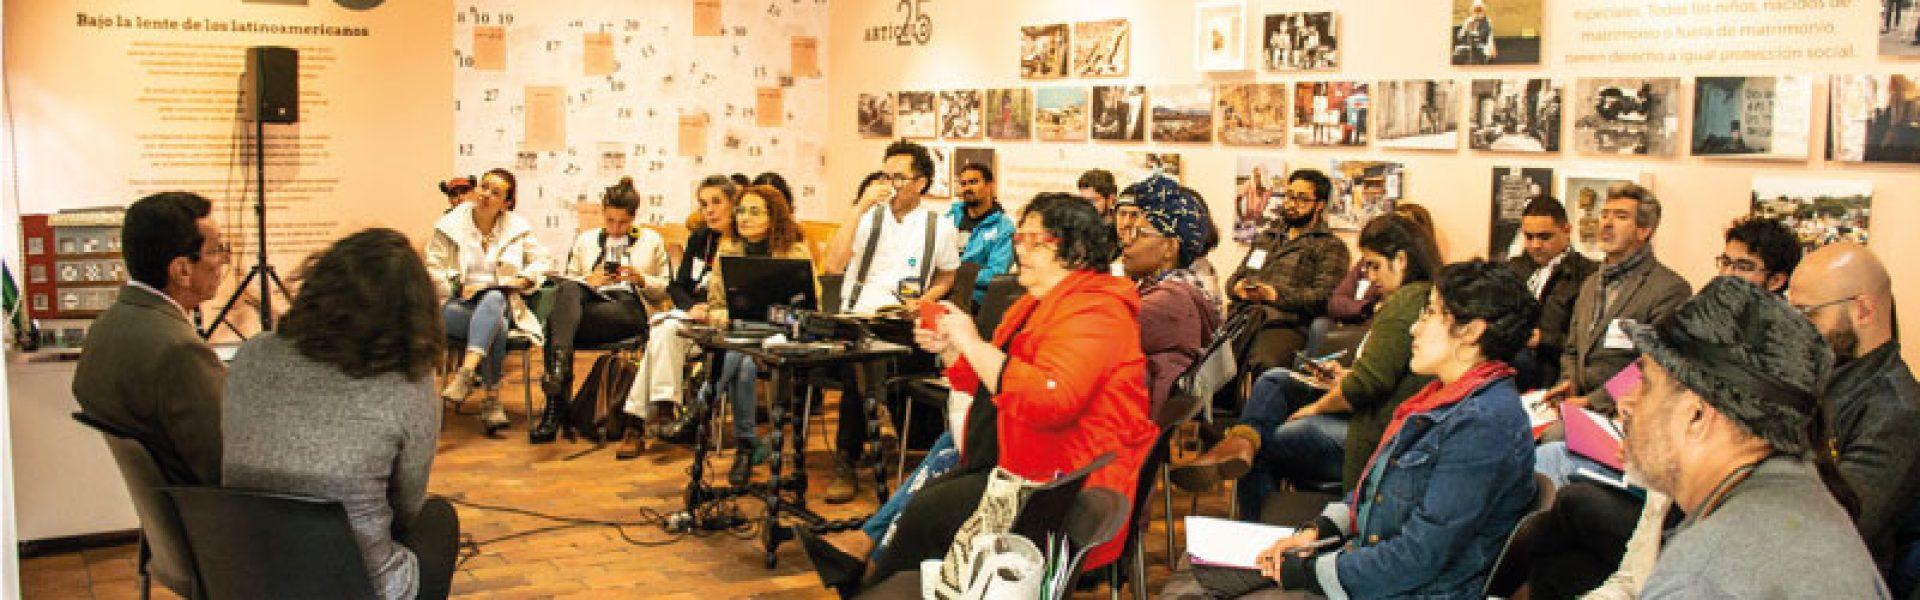 La-Esquina-Redonda-el-lugar-que-conservará-la-memoria-y-el-futuro-del-Bronx-en-Bogotá